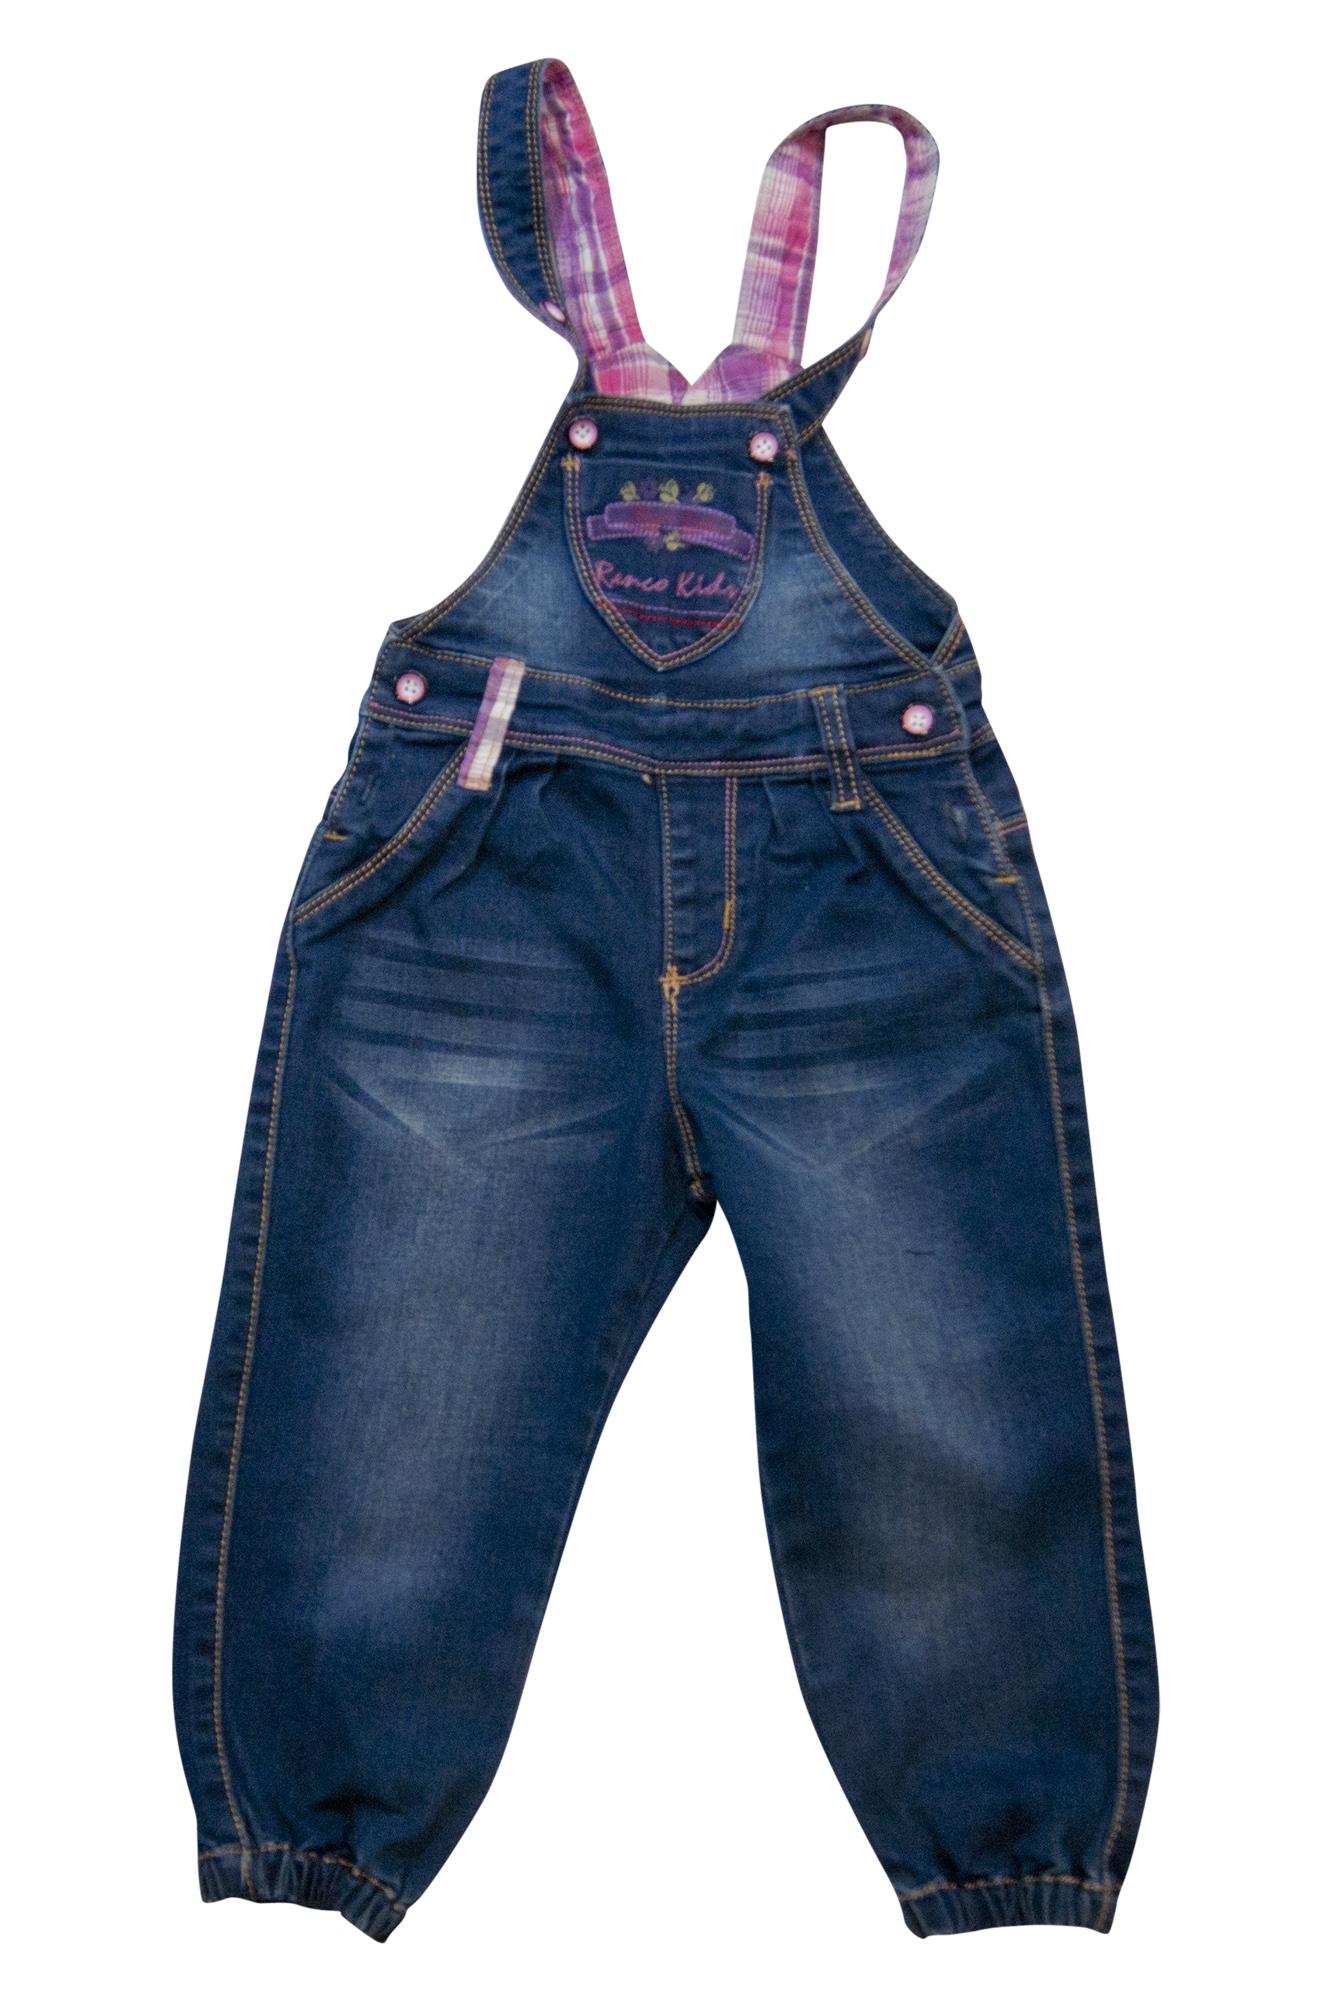 Сбор заказов. Детская и подростковая джинса высокого качества по низким ценам. Джинсы, брюки, юбки, шорты, бриджи, куртки, сарафаны, комбинезоны (есть модели на флисе).Большой выбор.